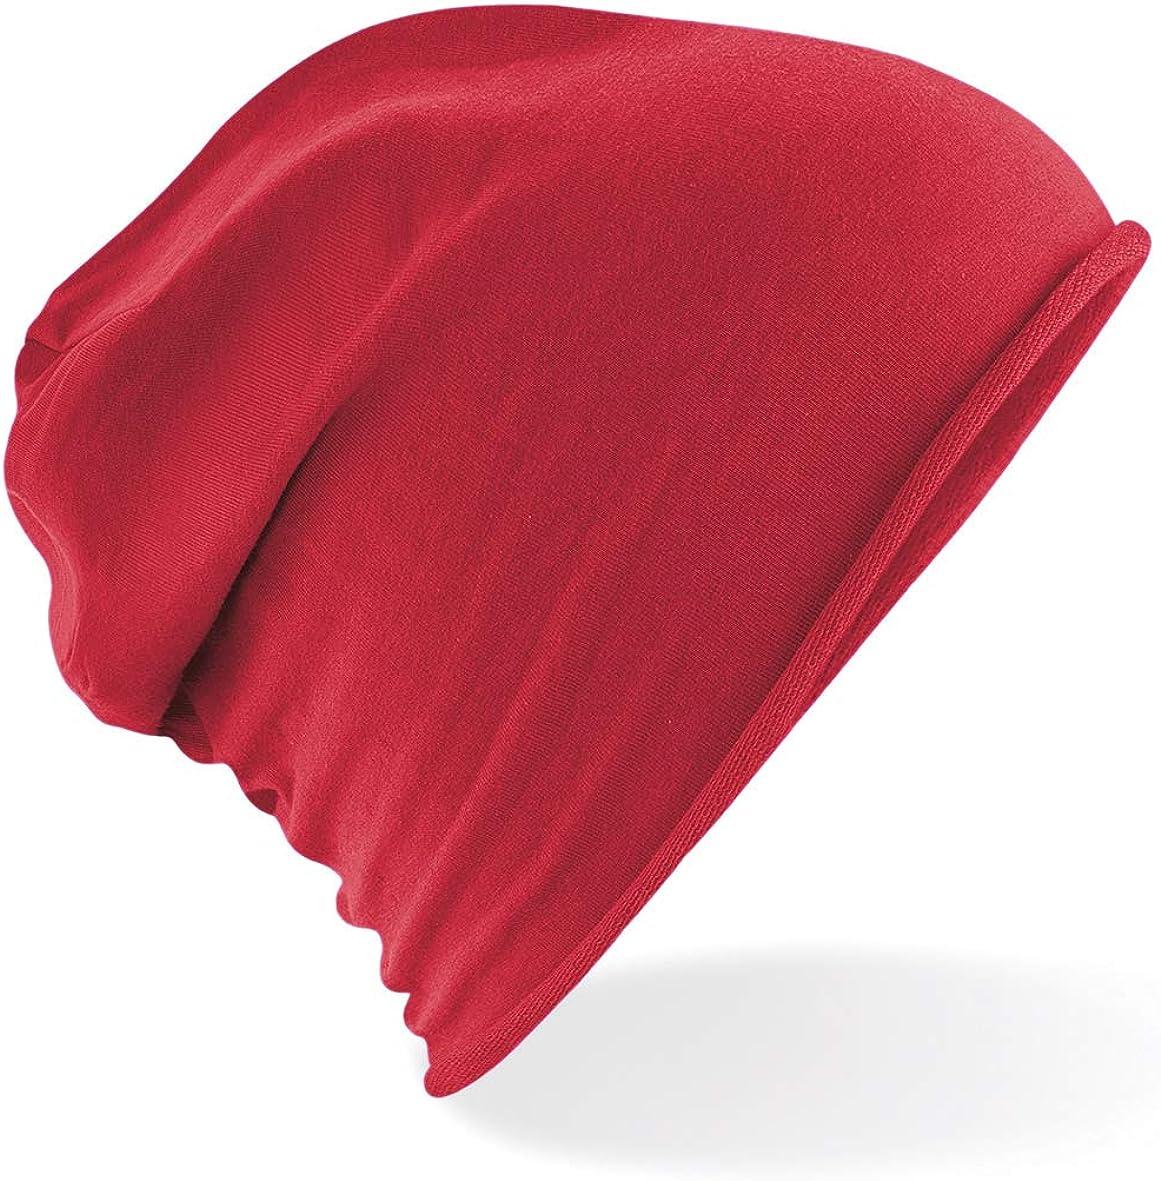 CHEMAGLIETTE Cappellino Leggero Cuffia Oversize Elasticizzata Cotone Morbido Beechfield B361